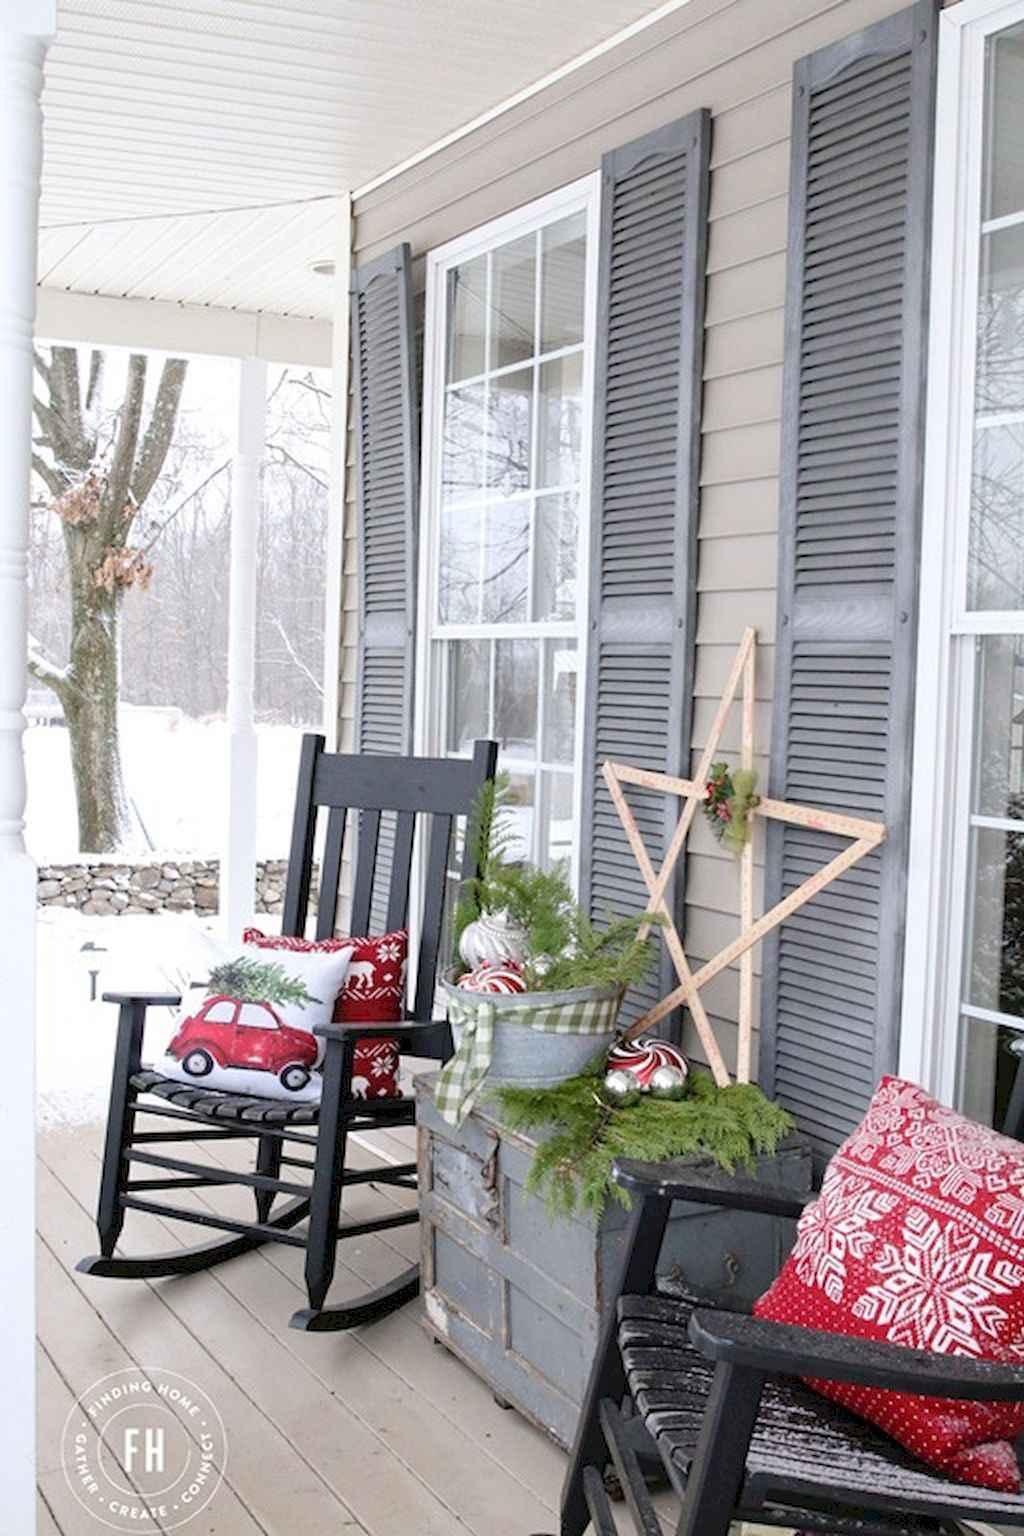 Ideas For Front Porch Decor Front Porch Decorating Ideas  # Foxy Muebles Encastrables